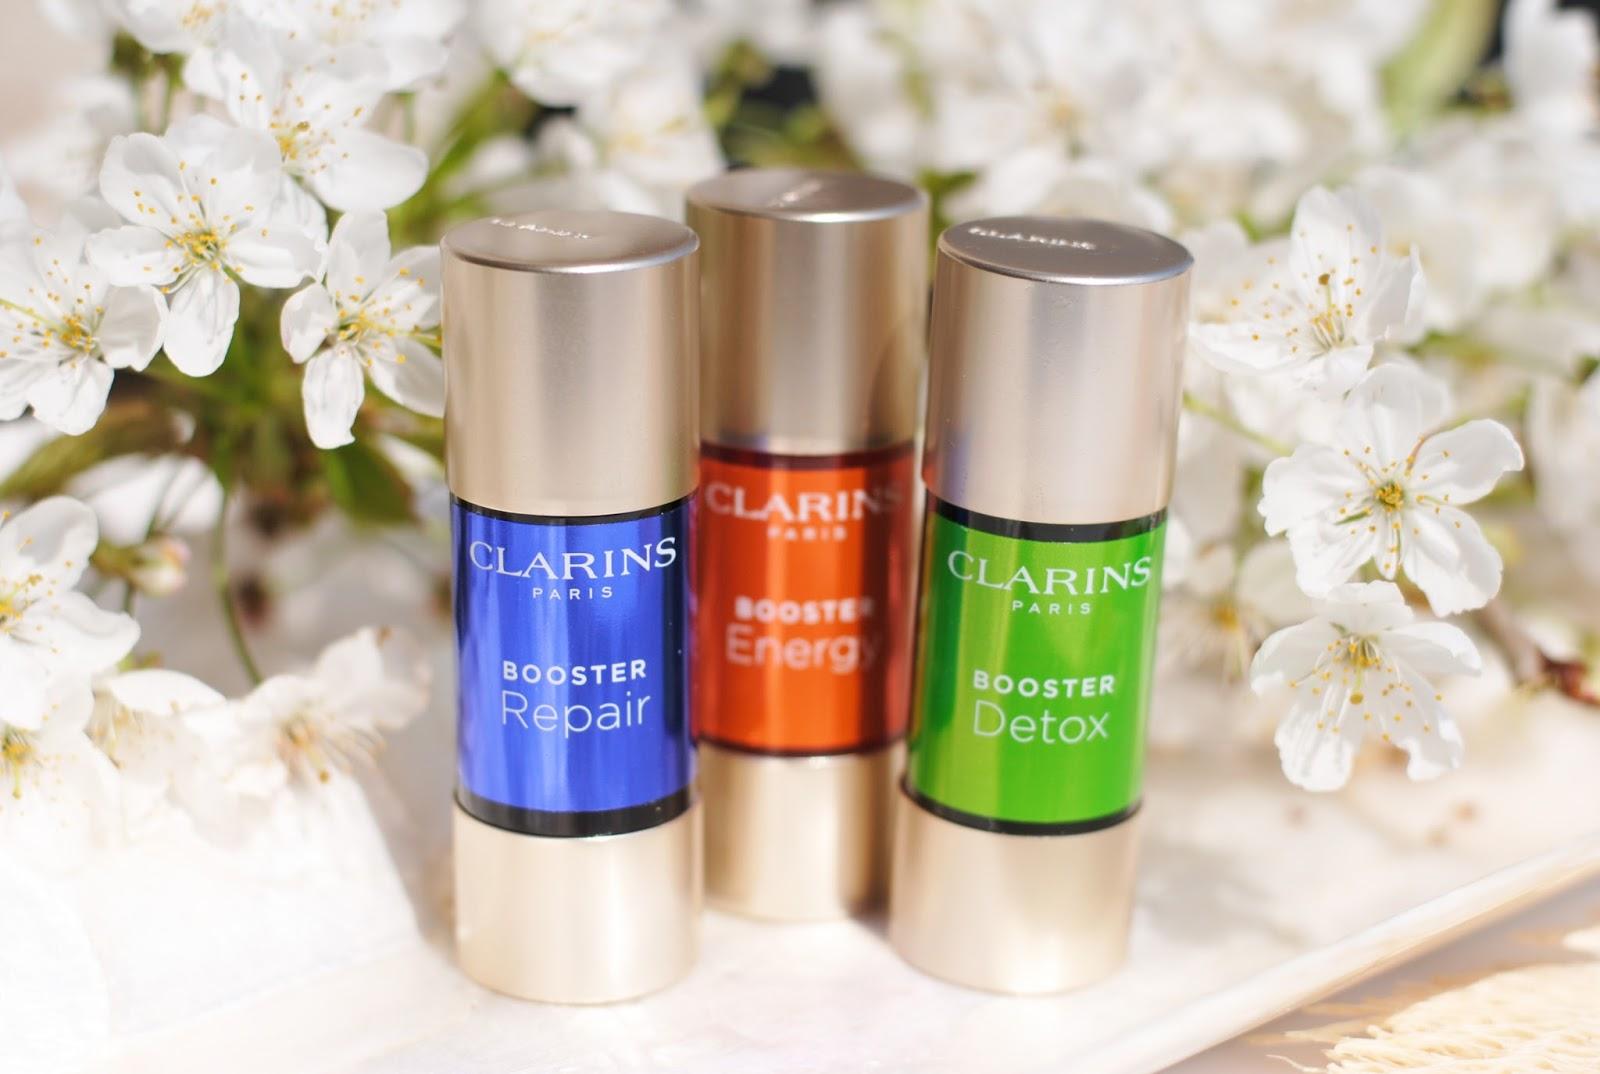 clarins energy repair detox booster